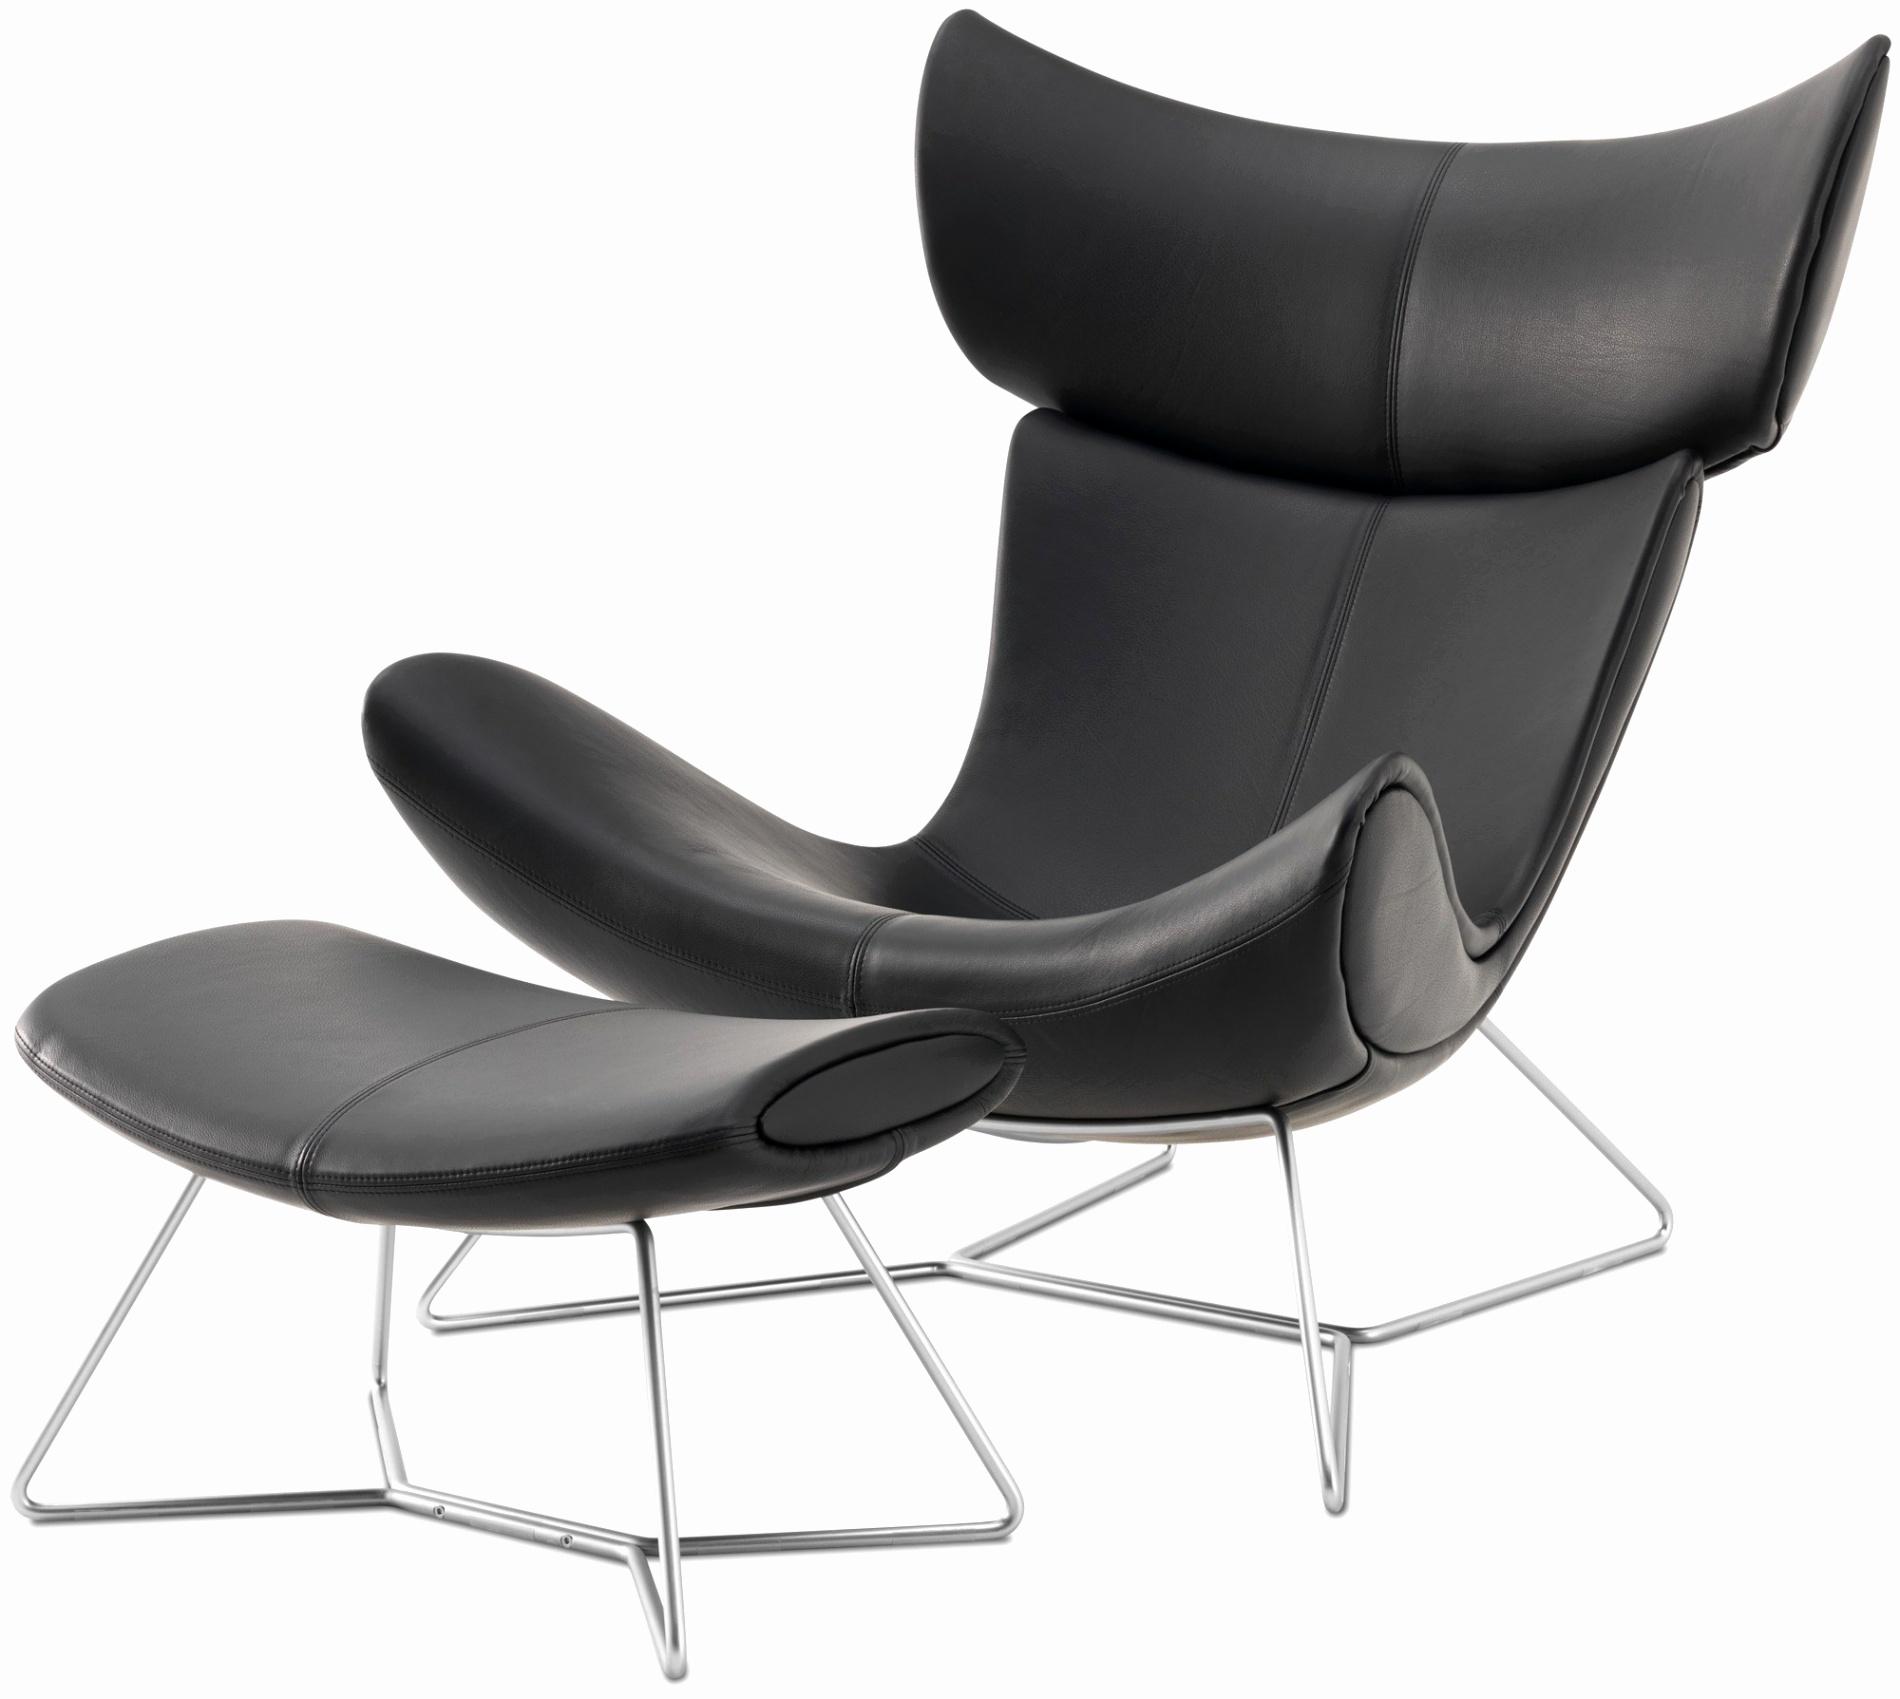 bureau moderne ikea charmant chaise ikea bureau chaise ikea cuisine cuisine fauteuil salon 0d of bureau moderne ikea